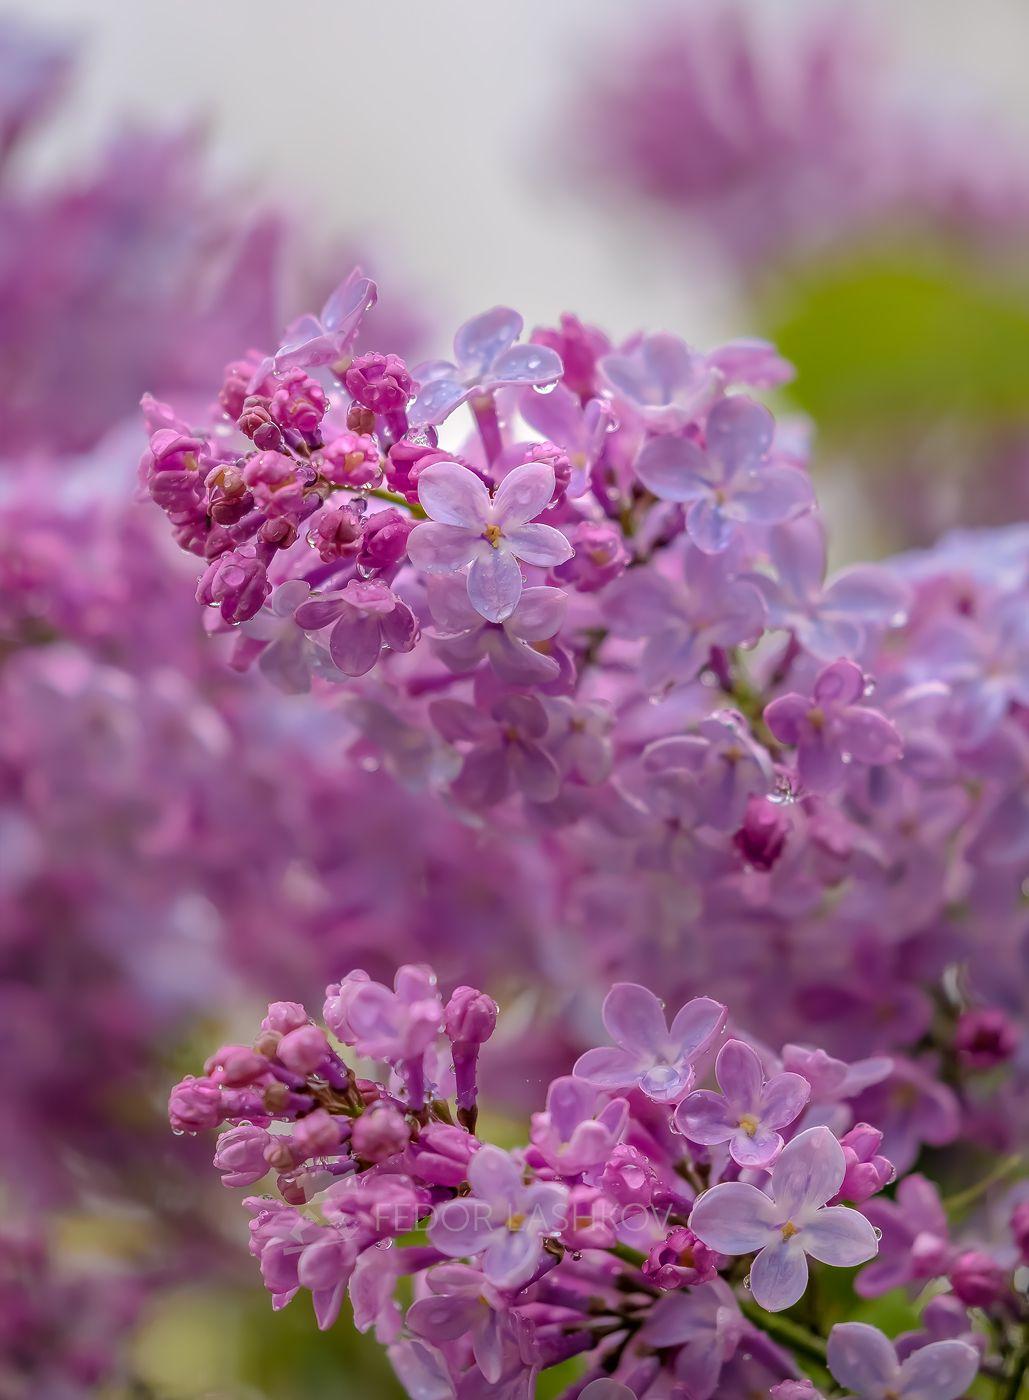 Запах сирени с дождём Ставропольский край Ставрополье весна сирень макро дождь капли в каплях сиреневое цветы цветение